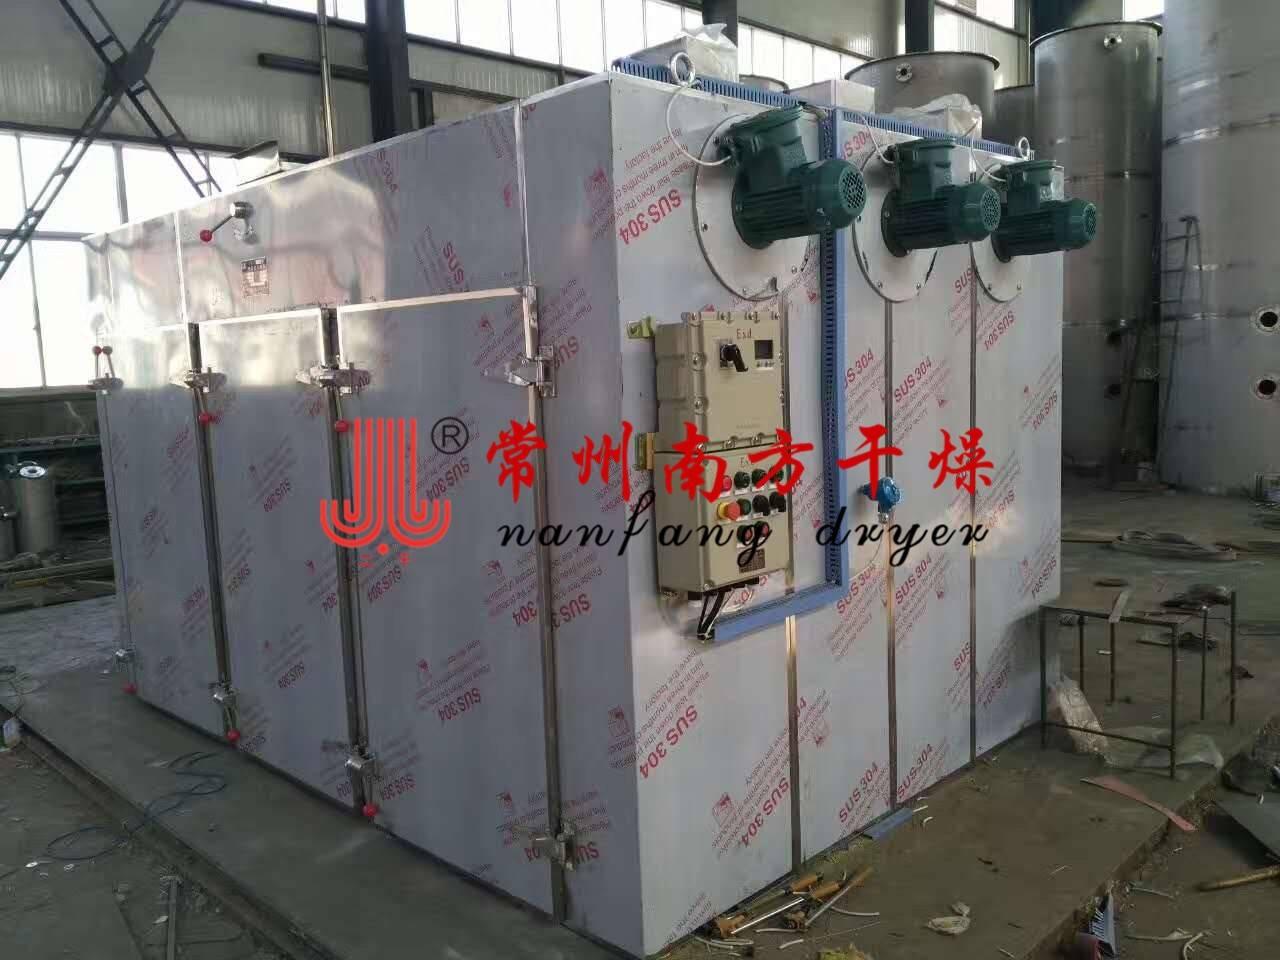 捷报比分:活性炭防爆炉预装容器